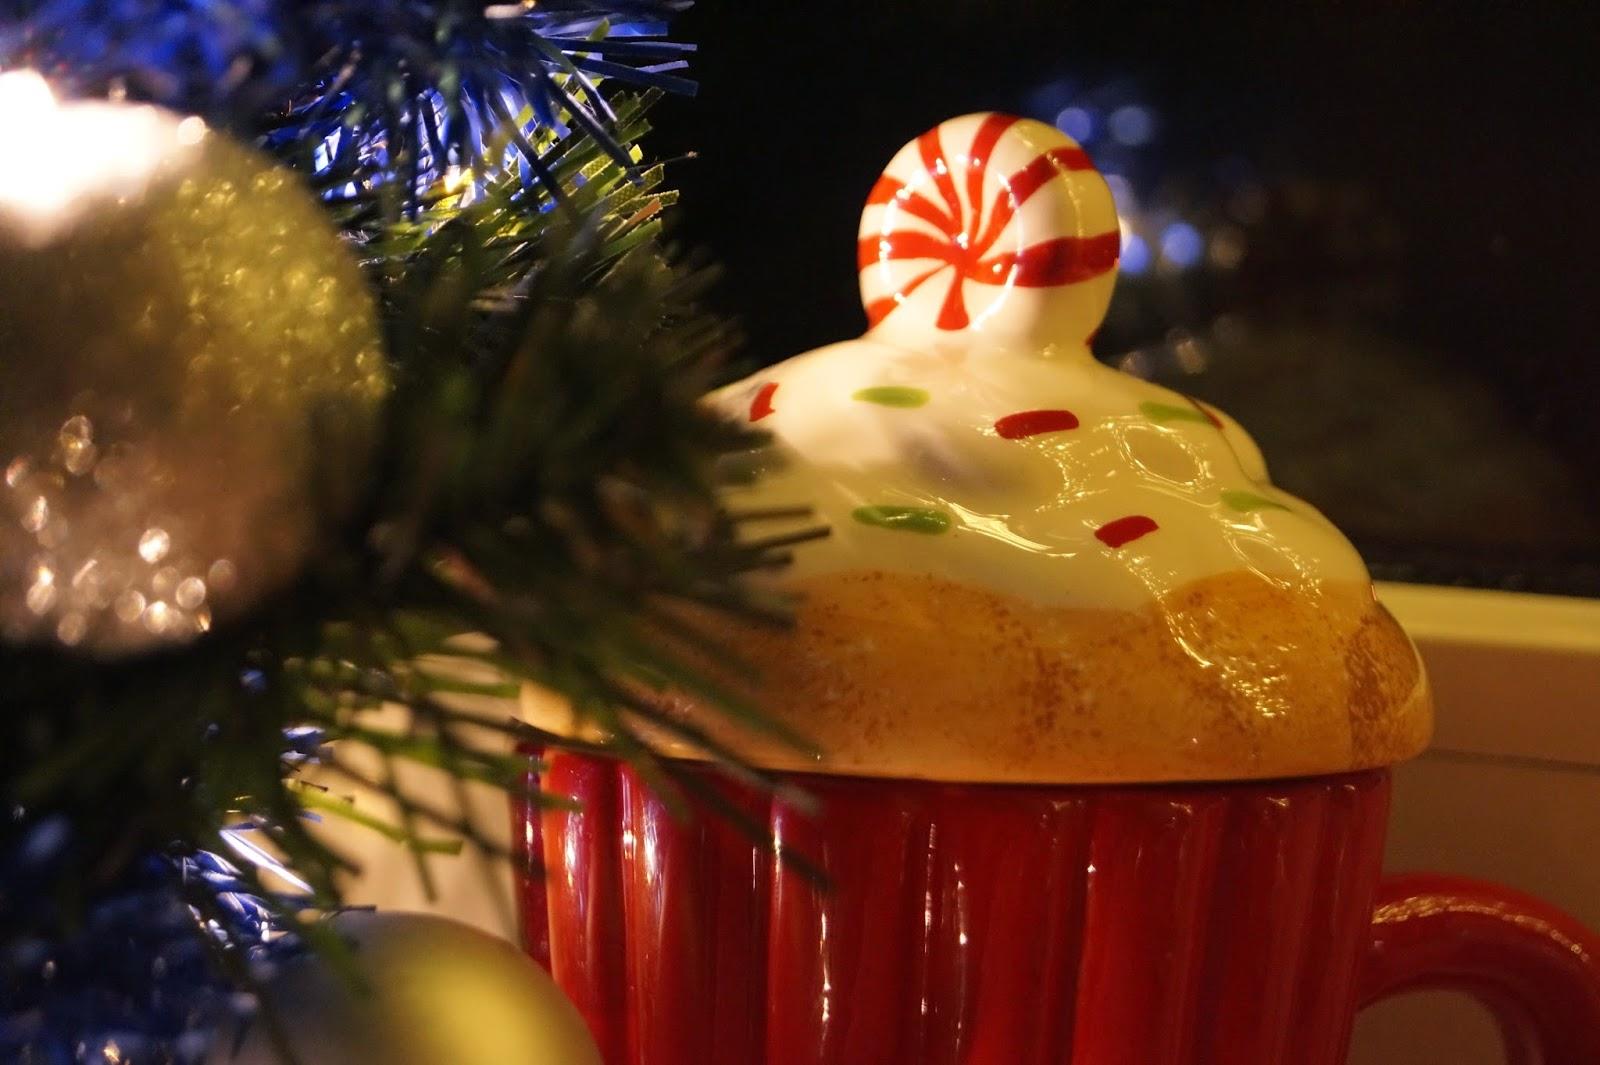 25. Finally, it's Christmas - dekoracje świąteczne.